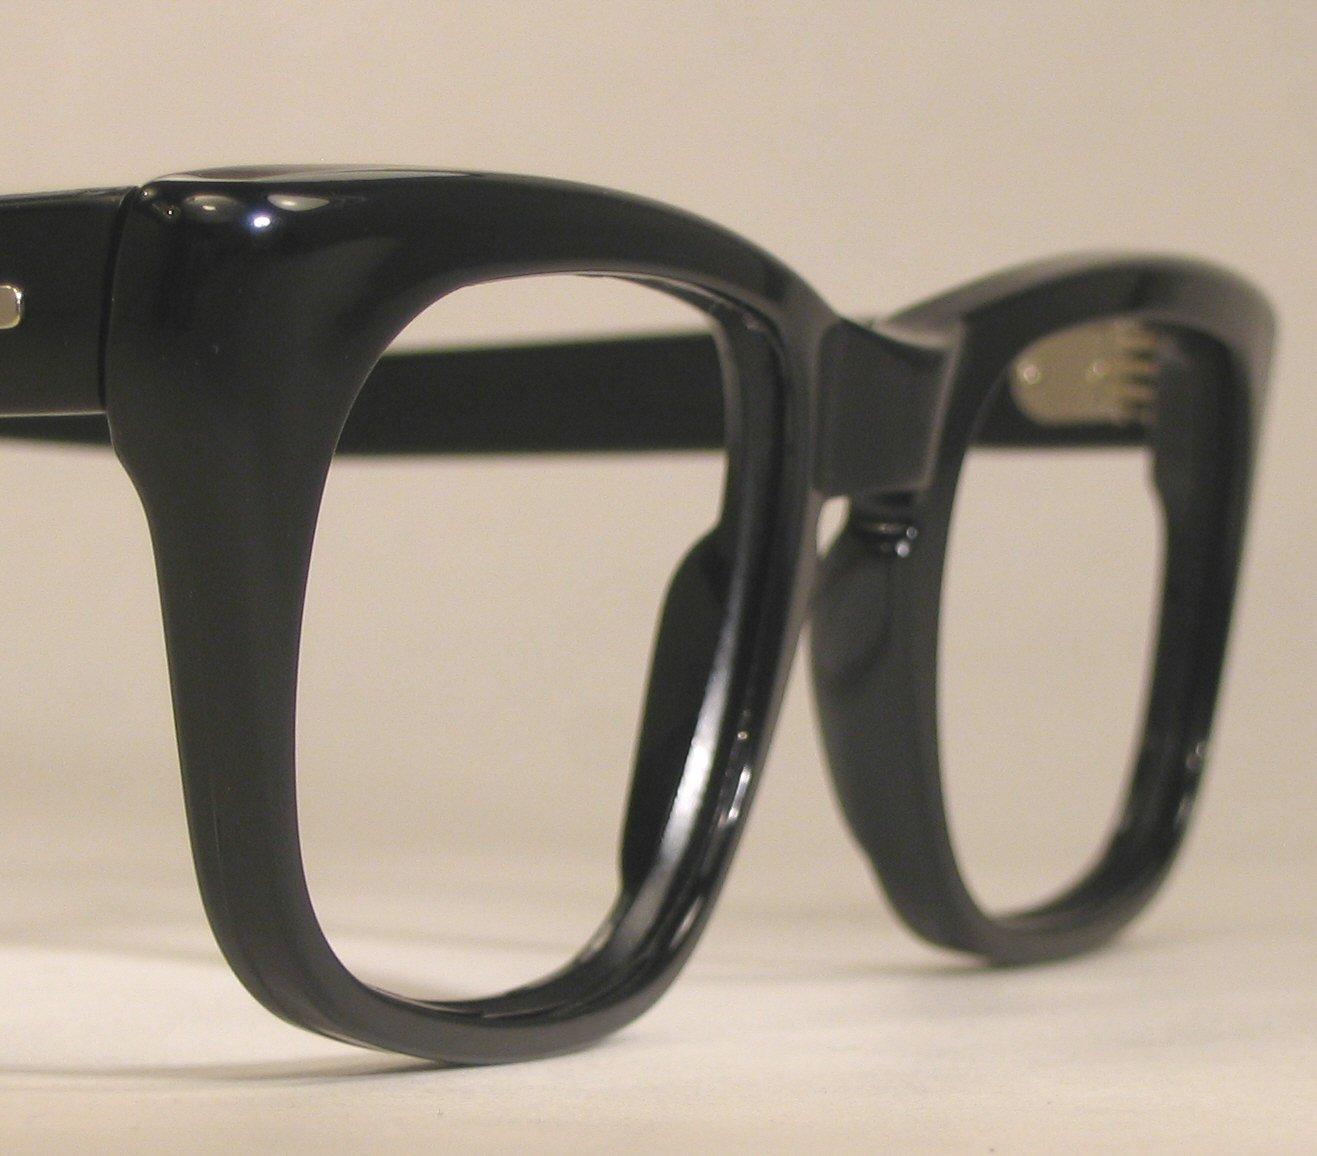 EYEGLASSES FRAME SIZING SIZE - Eyeglasses Online